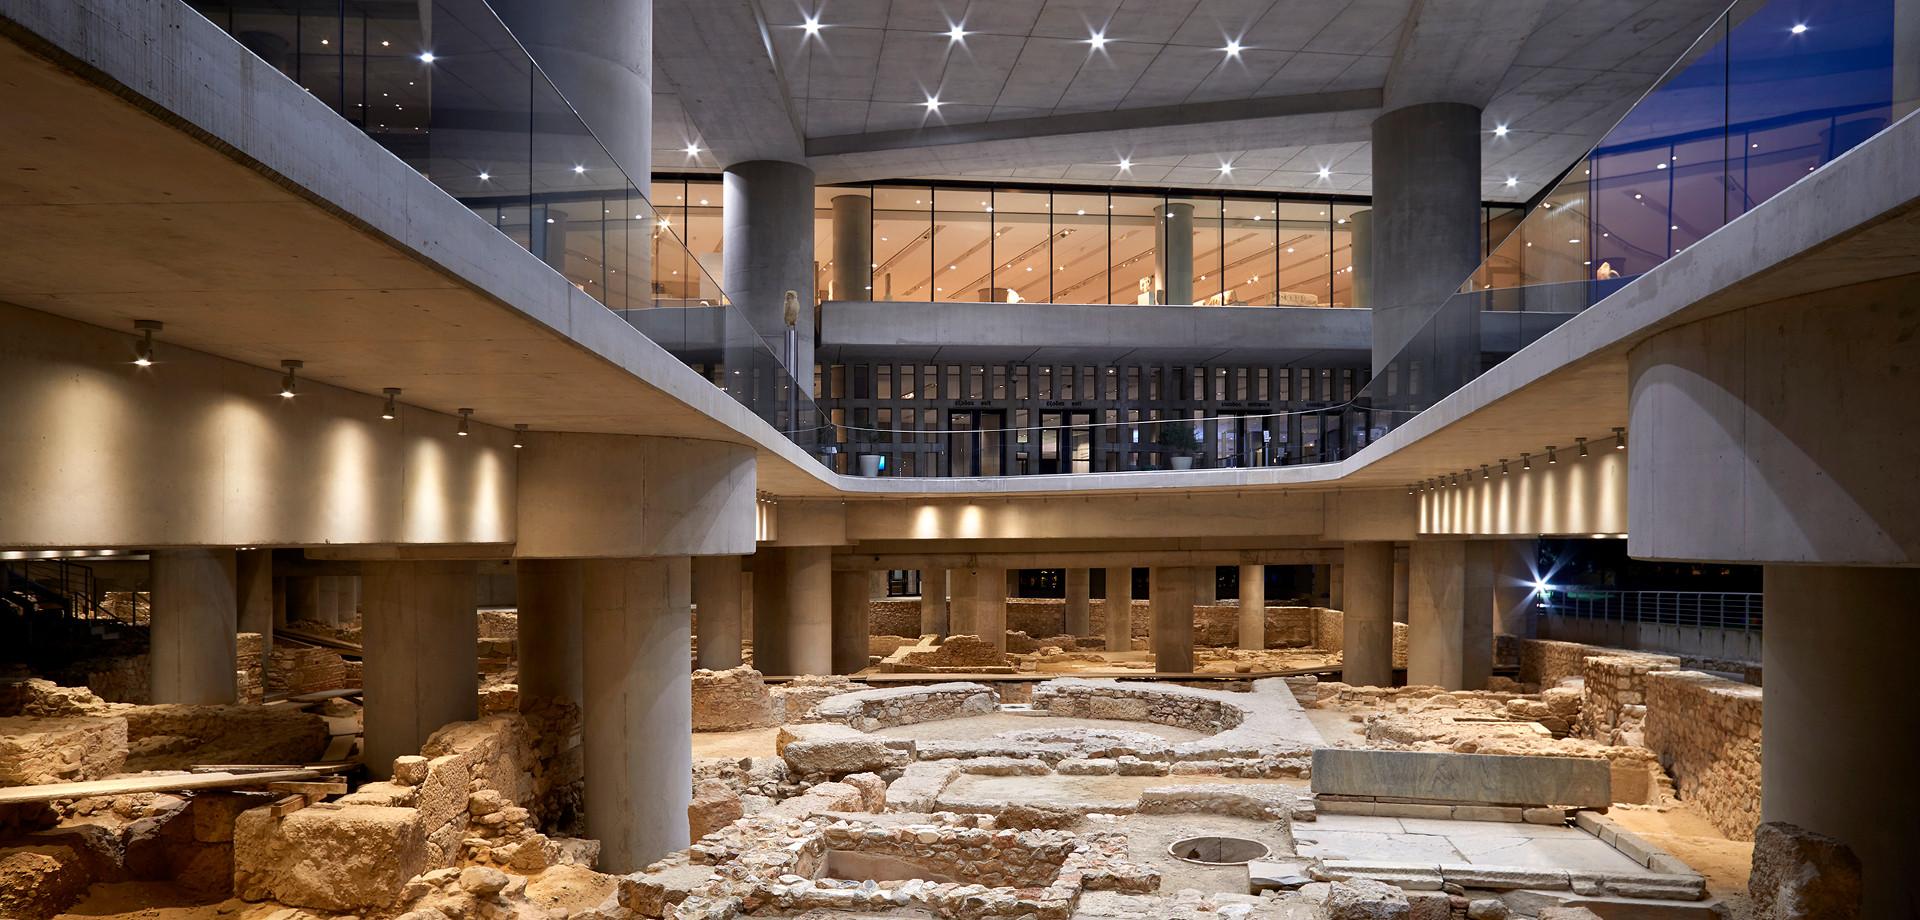 Νέες παρουσιάσεις αρχαιολογικής ανασκαφής Μουσείου Ακρόπολης